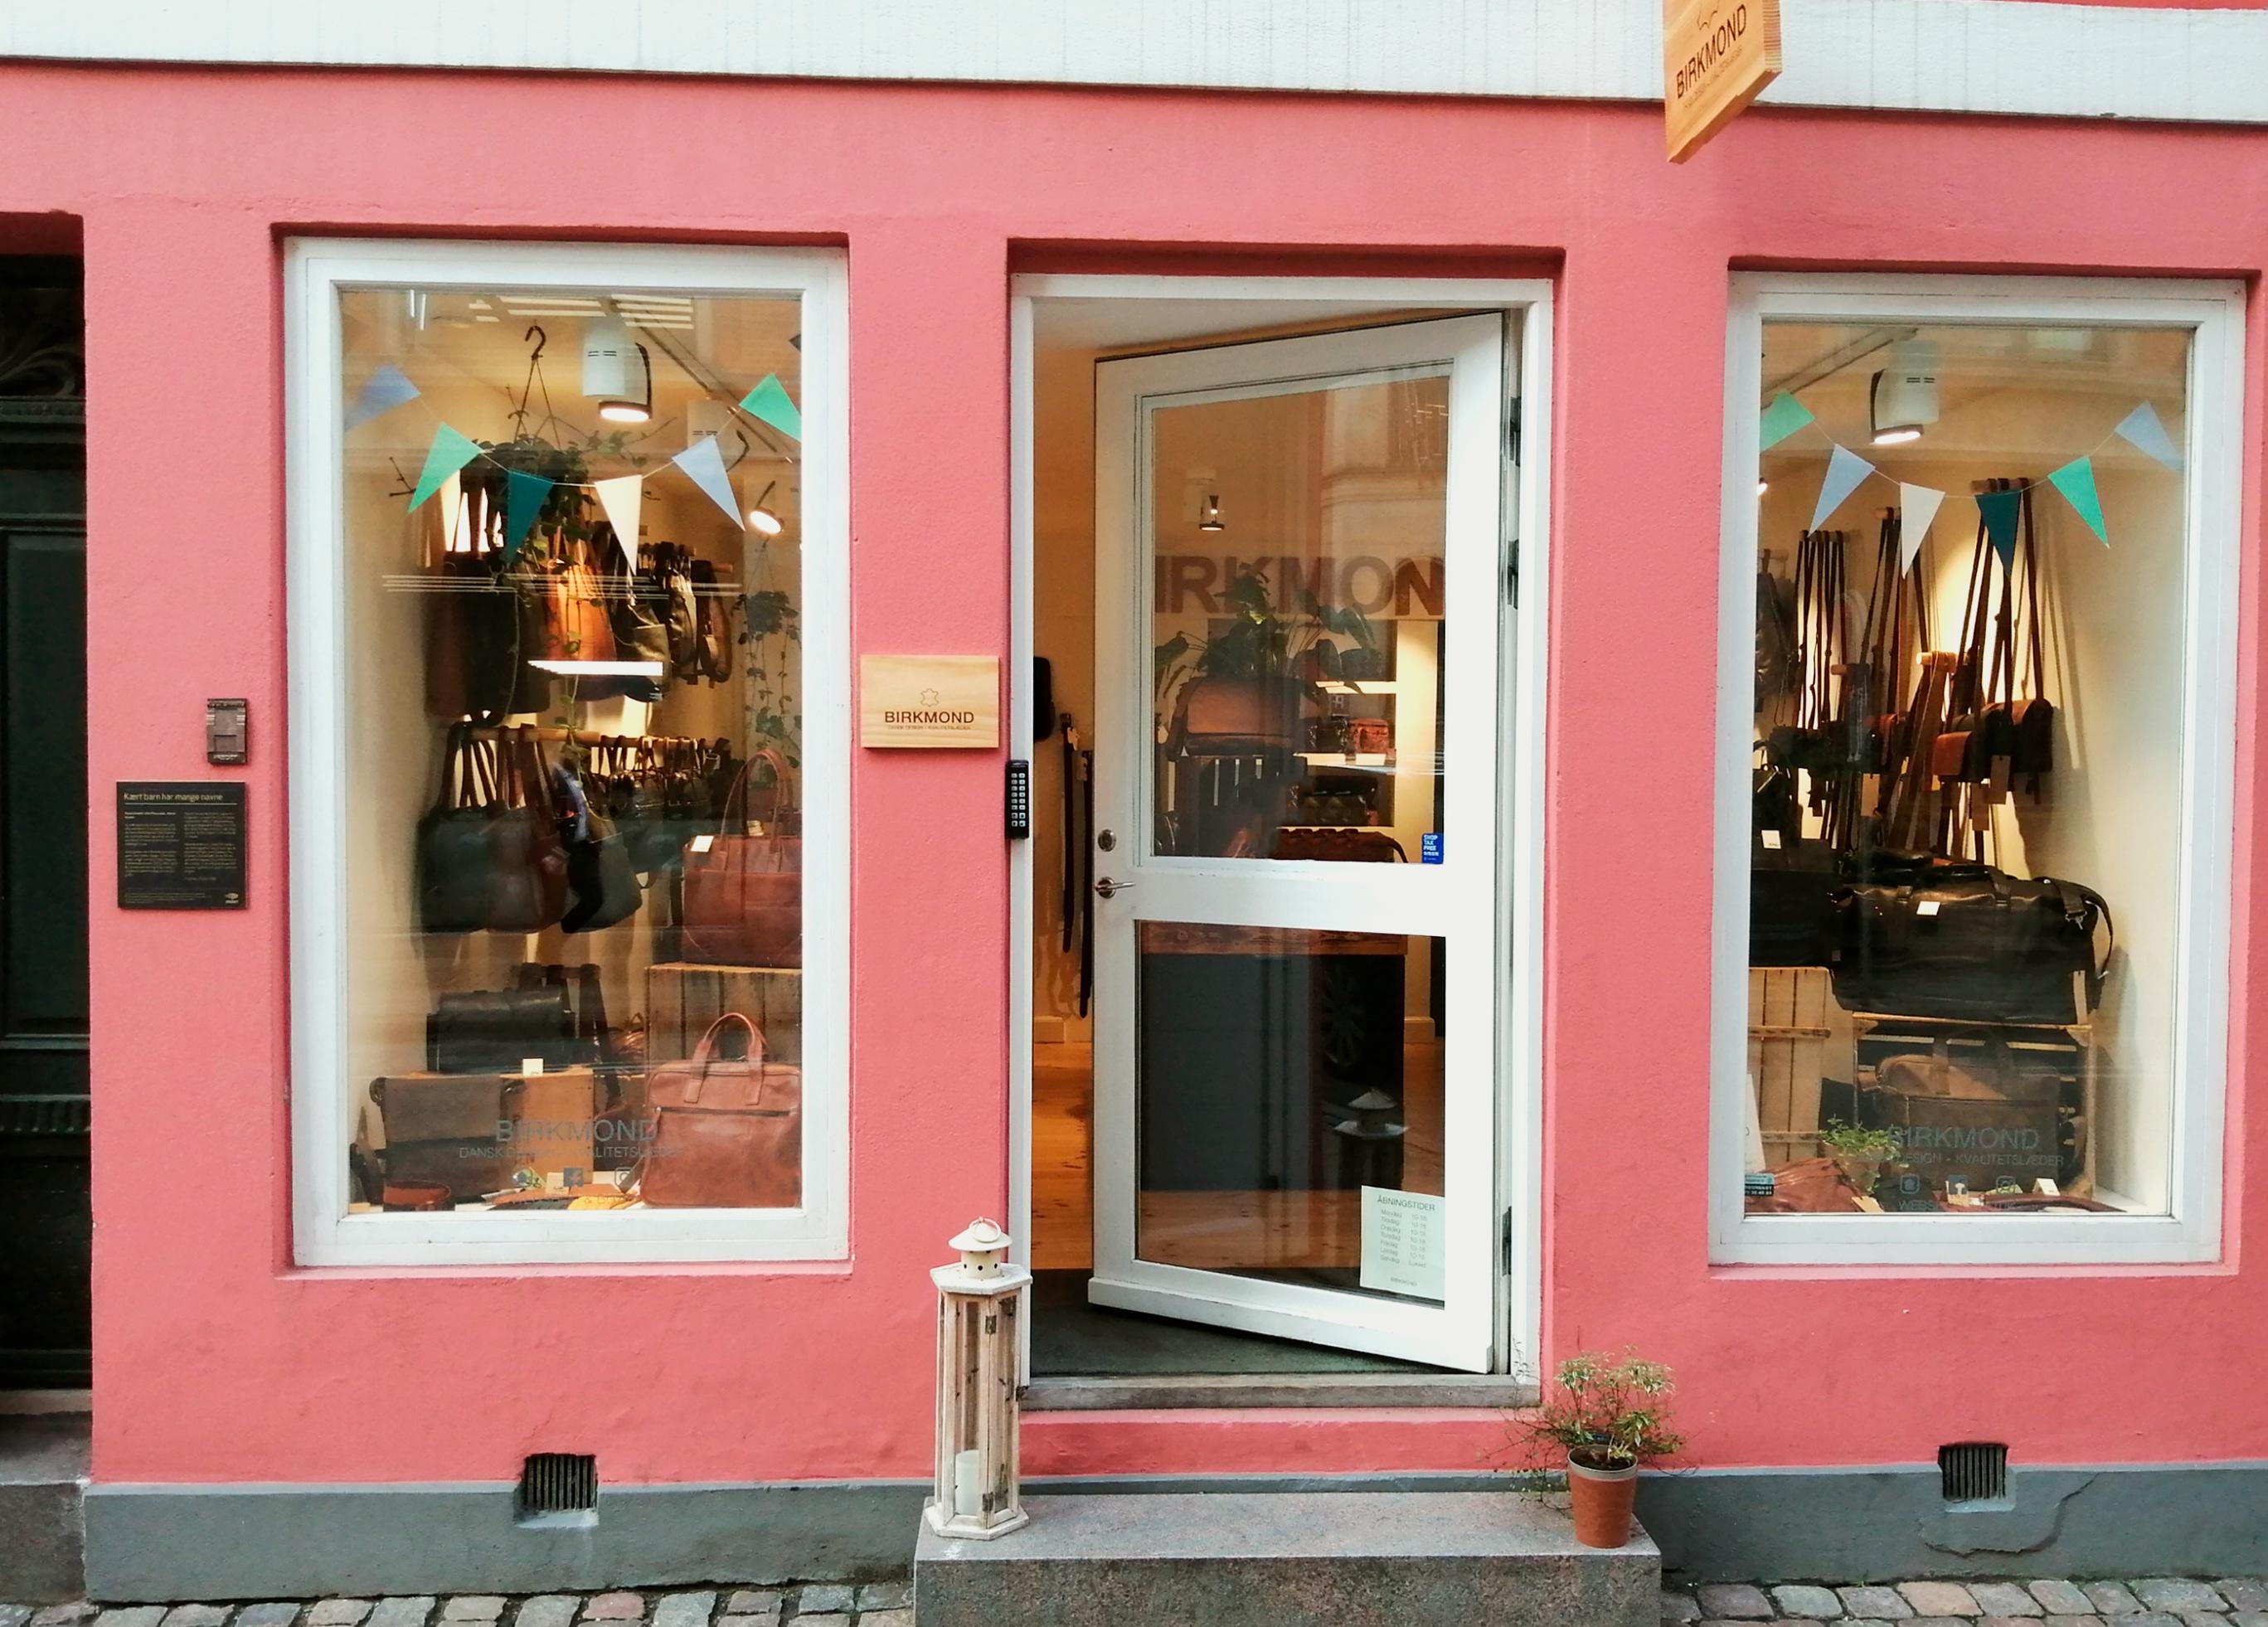 Birkmond taskebutik butik i København lædervarer lædertasker flot stilren dansk design bygning facade